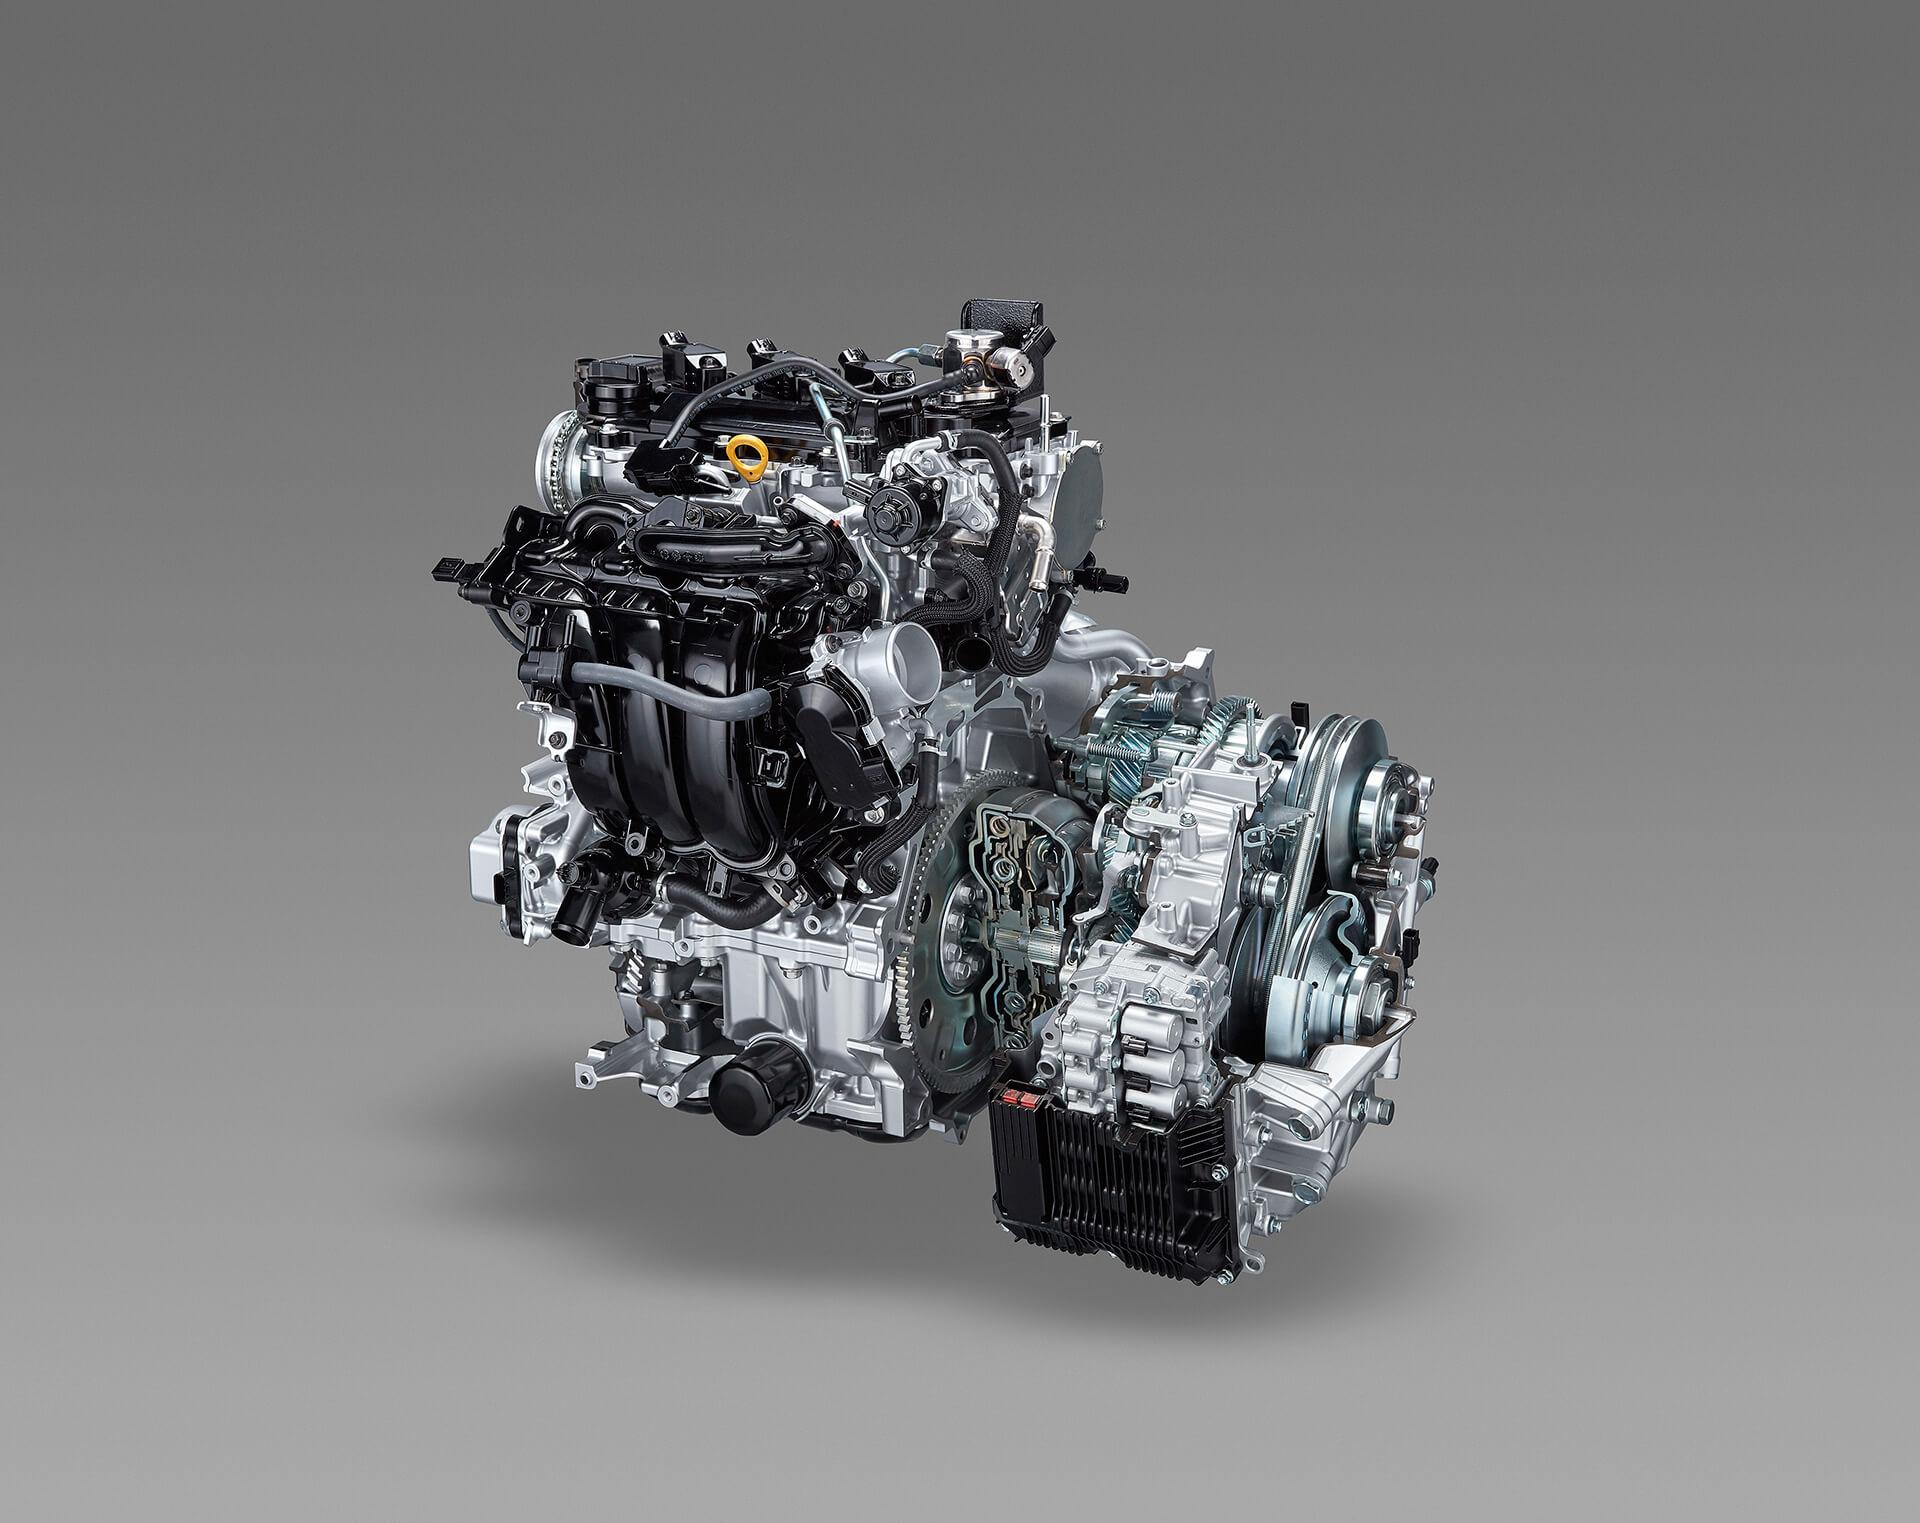 トヨタ ヤリス 1.5L ダイナミックフォースエンジン Direct Shift-CVT